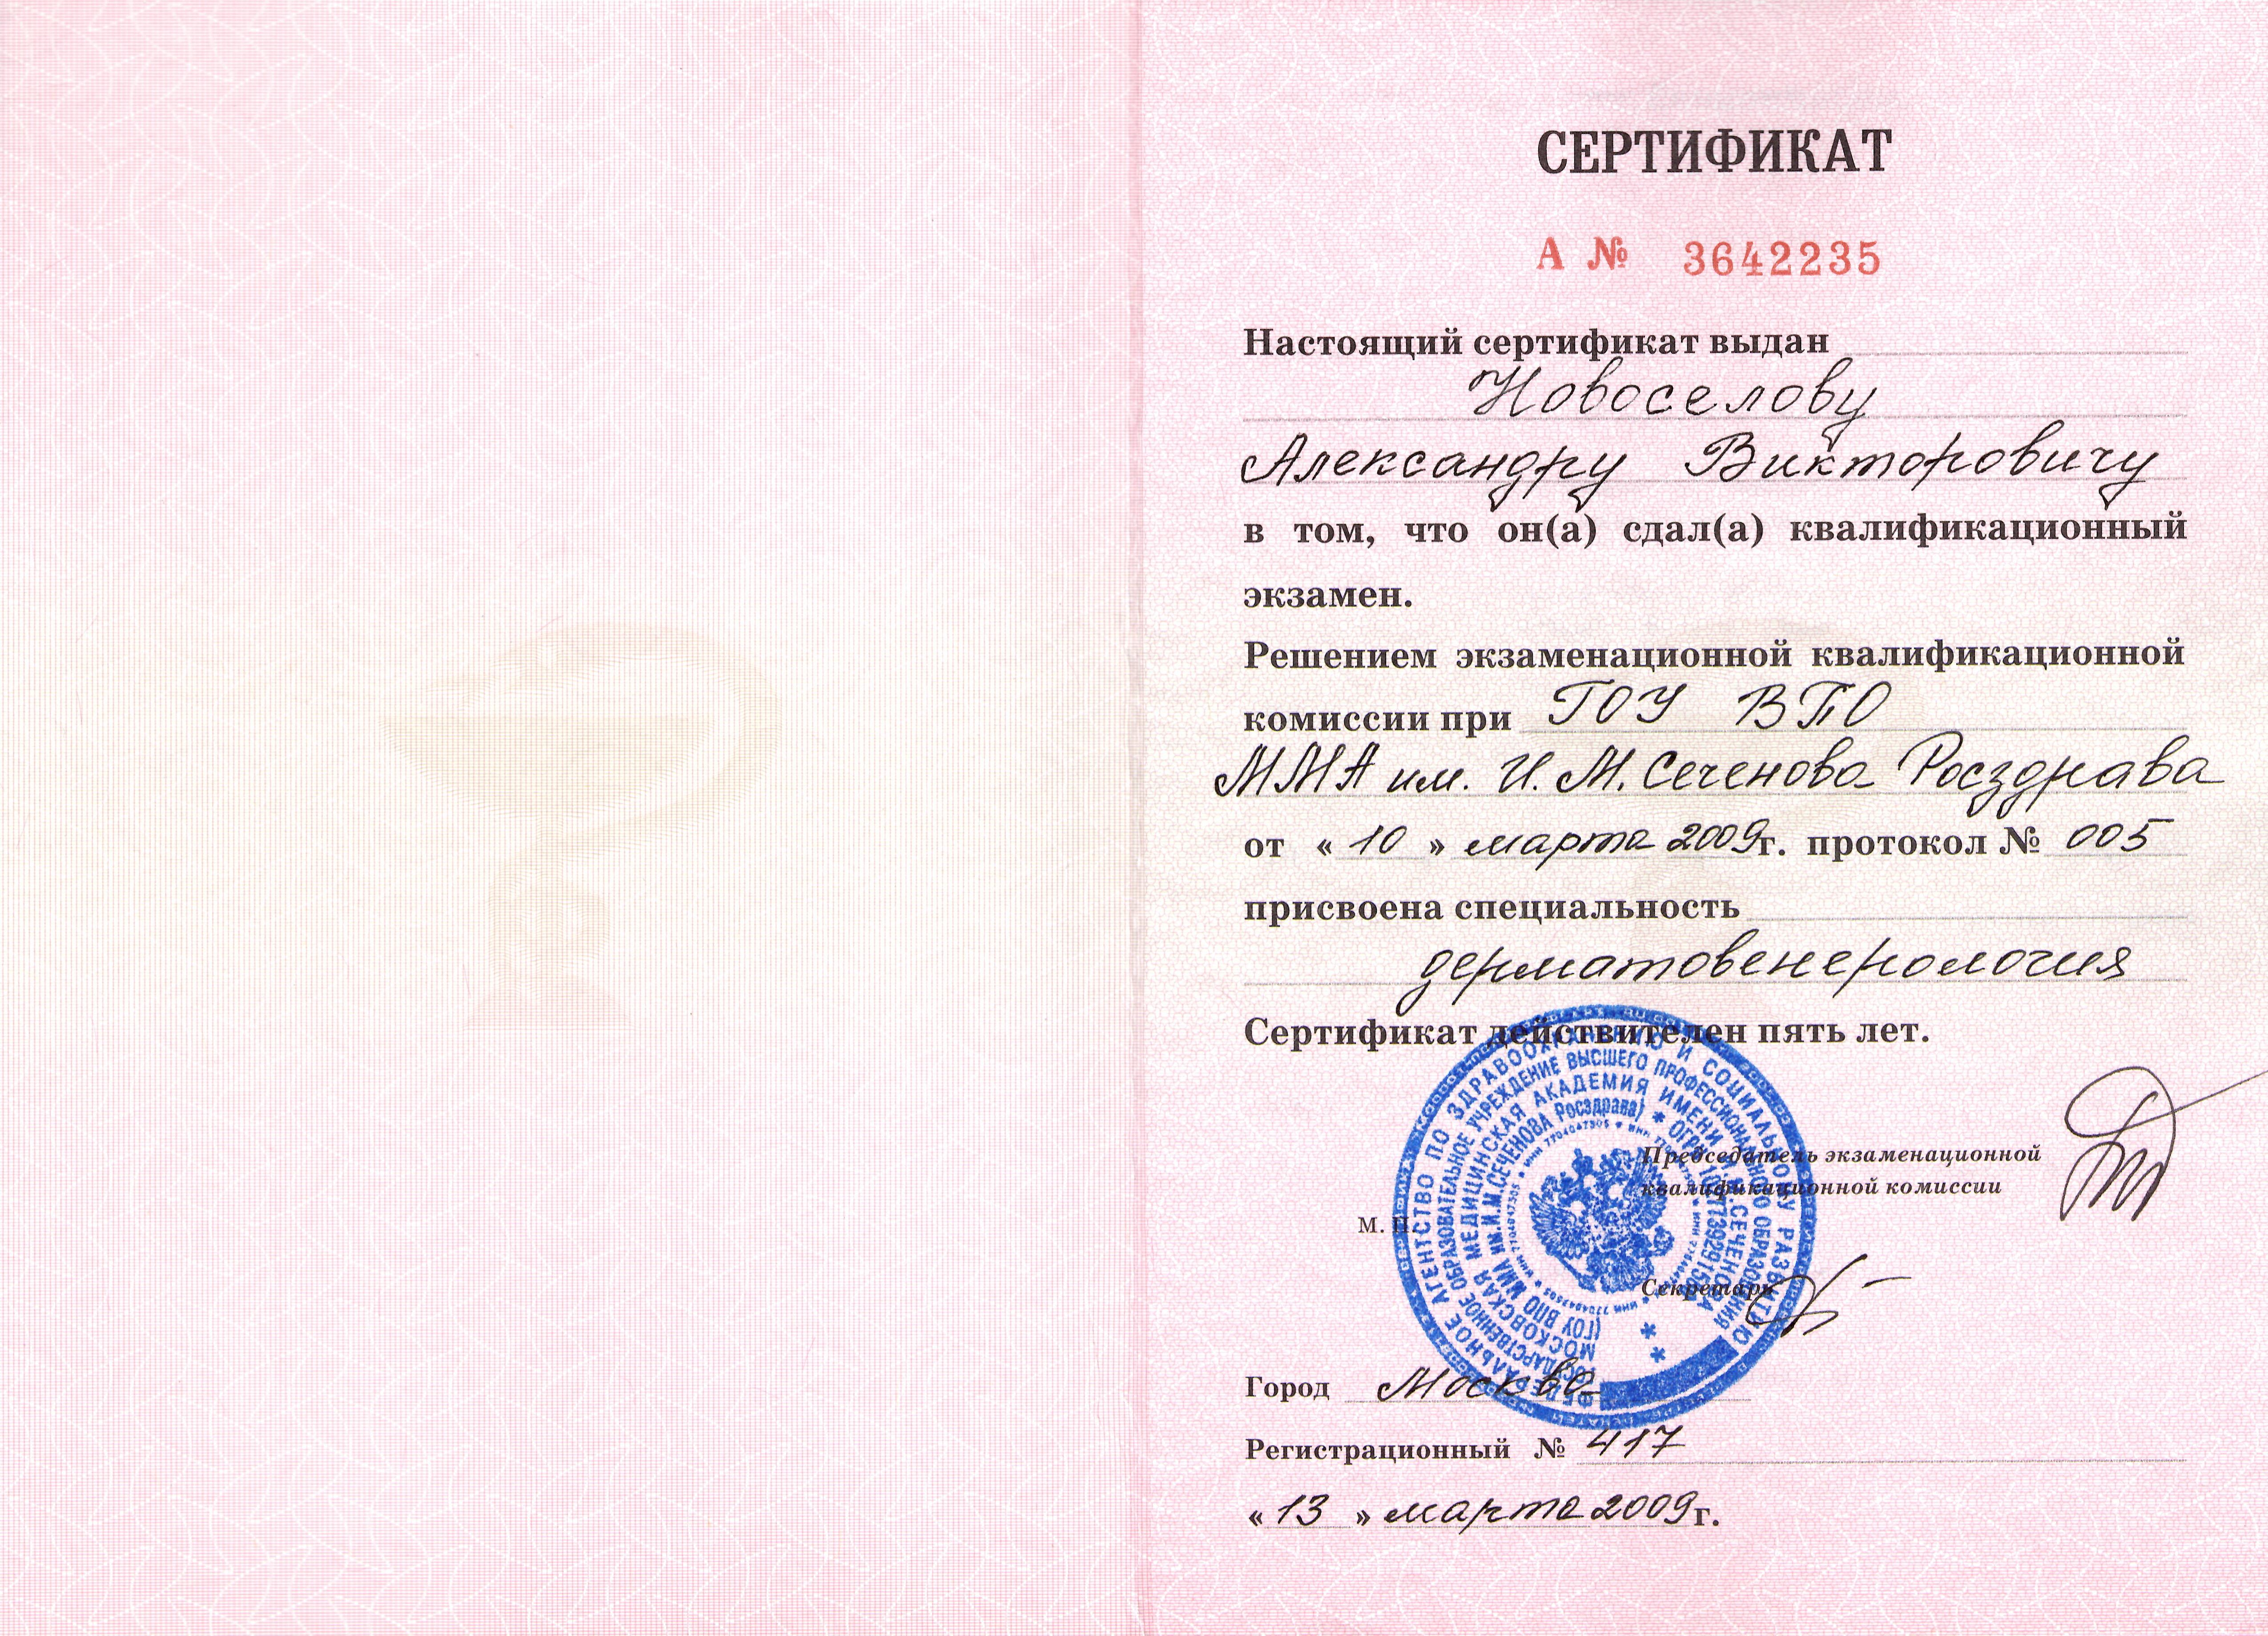 Сертификат дерматовенеролога